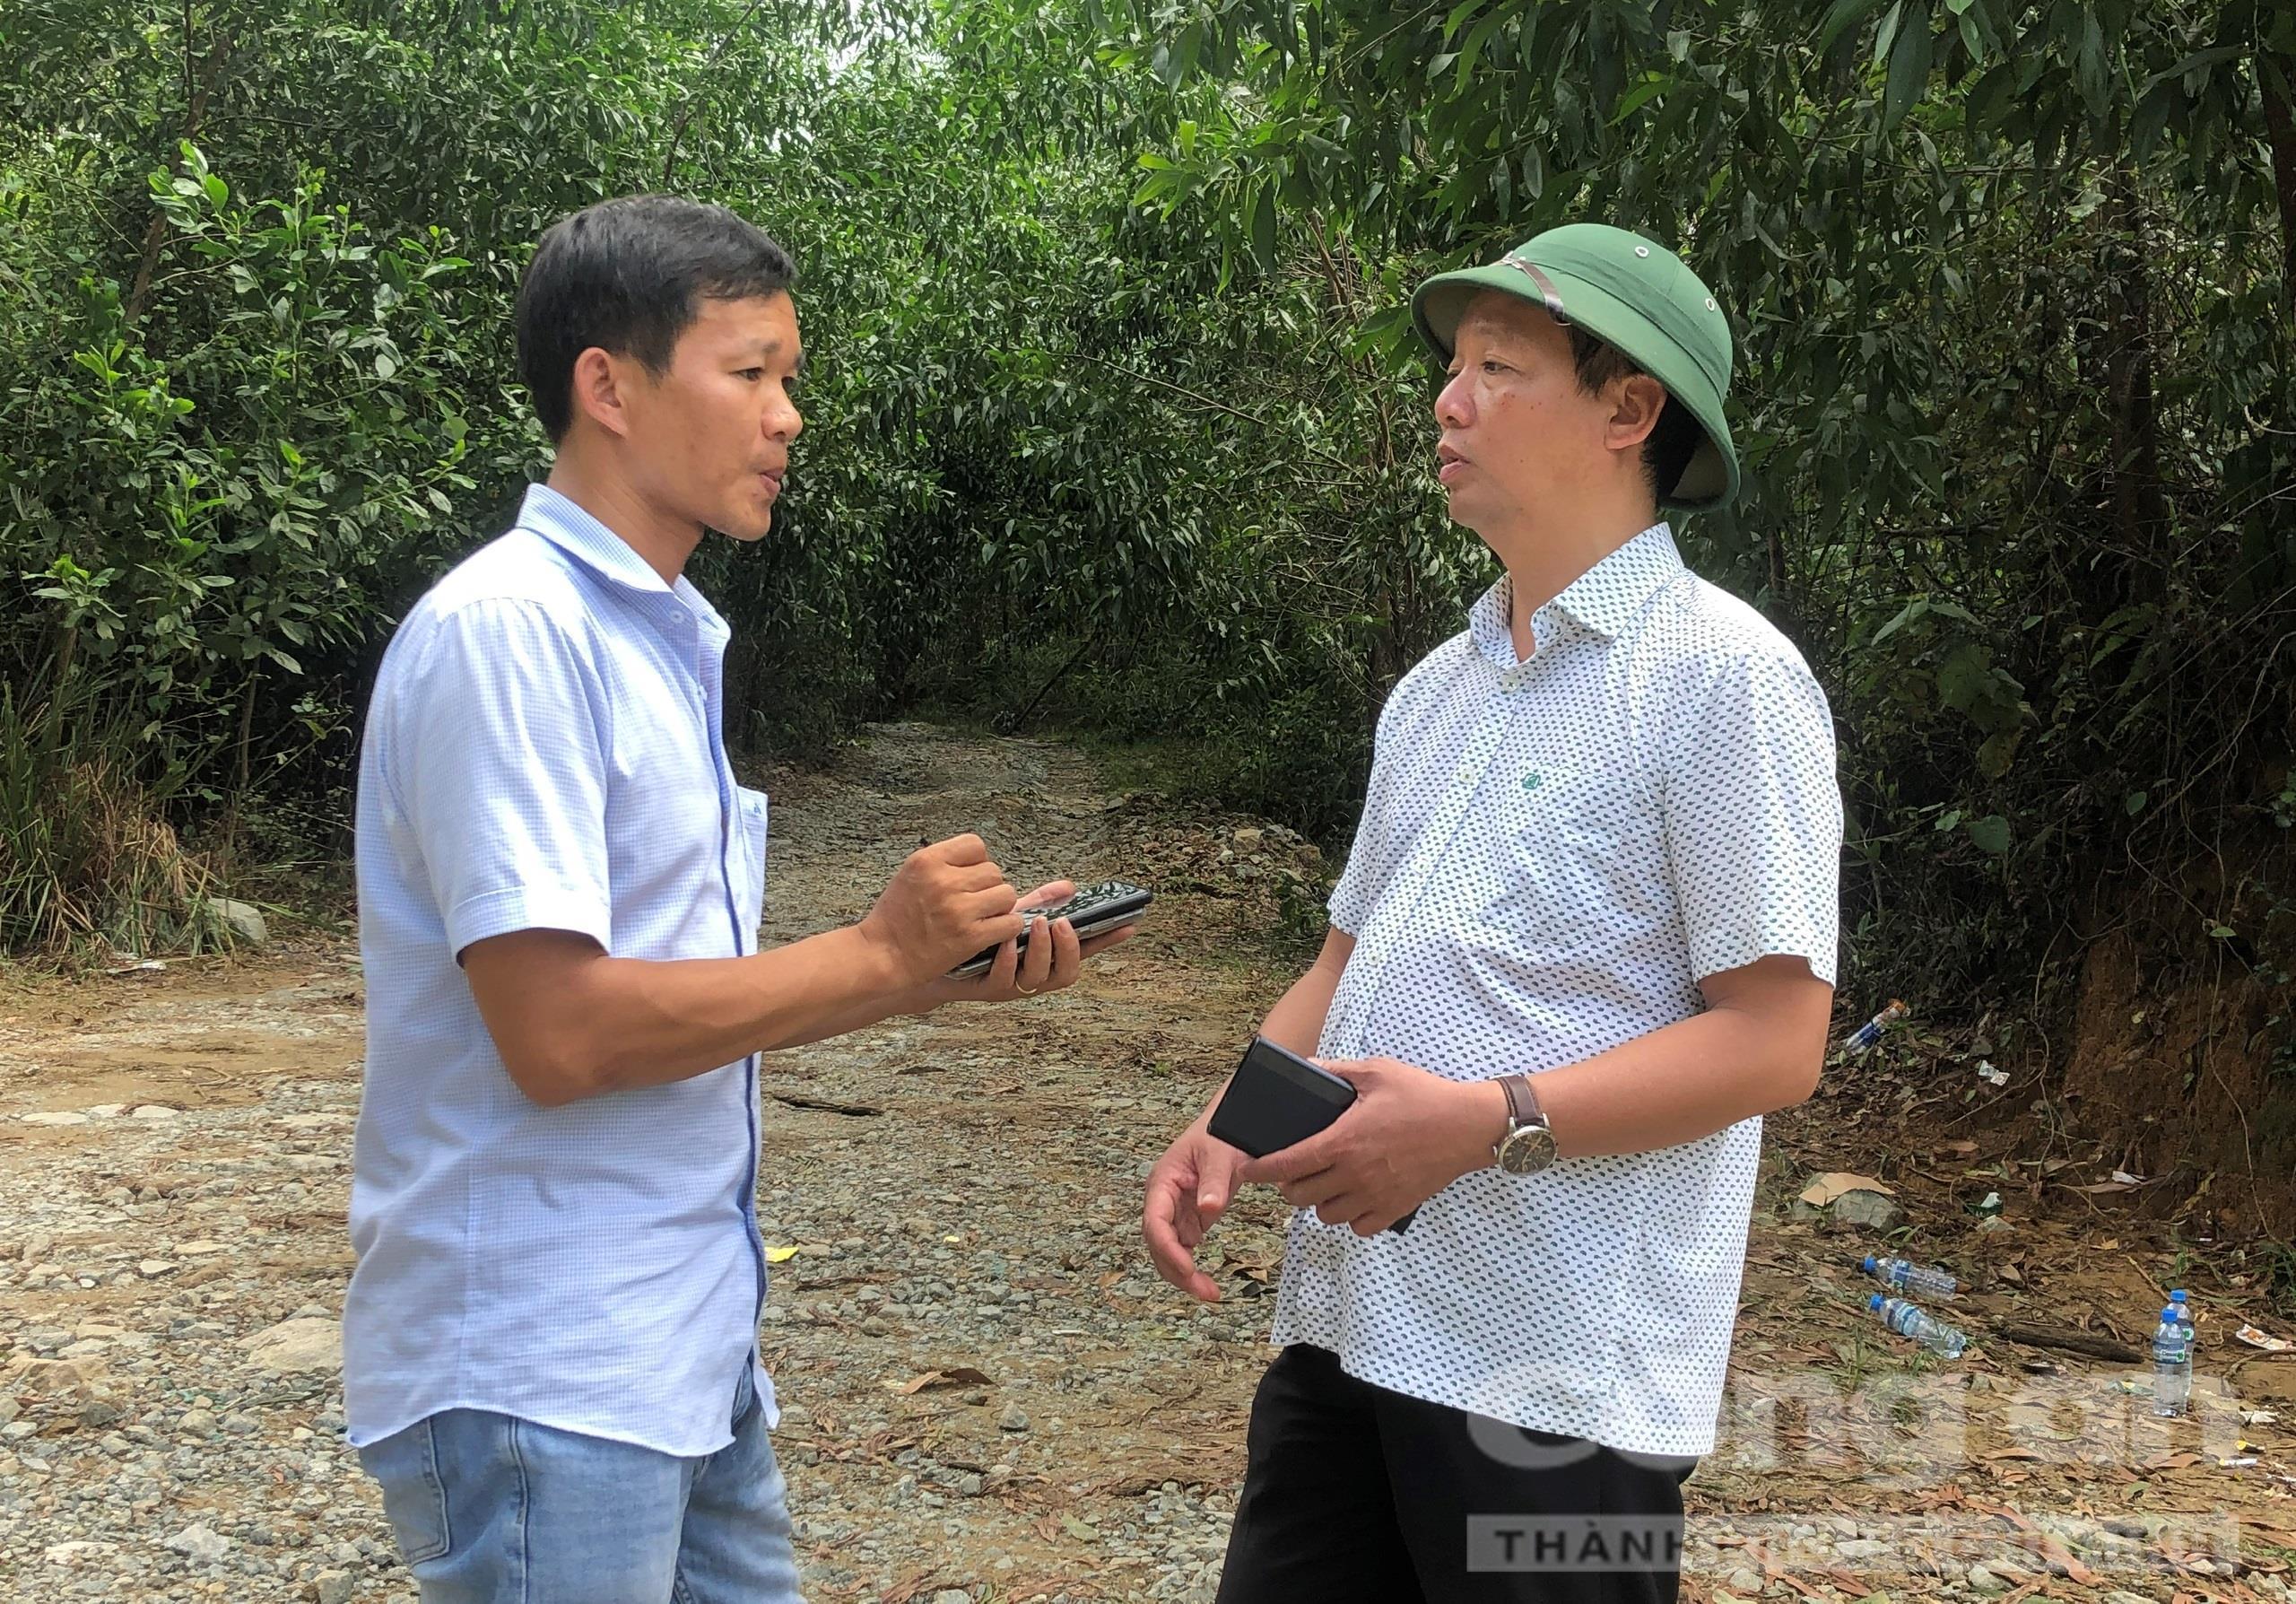 PV Báo Công an TPHCM phỏng vấn ông Phan Thiên Định - Phó Chủ tịch UBND tỉnh Thừa Thiên – Huế về công tác cứu hộ cứu nạn, tại hiện trường